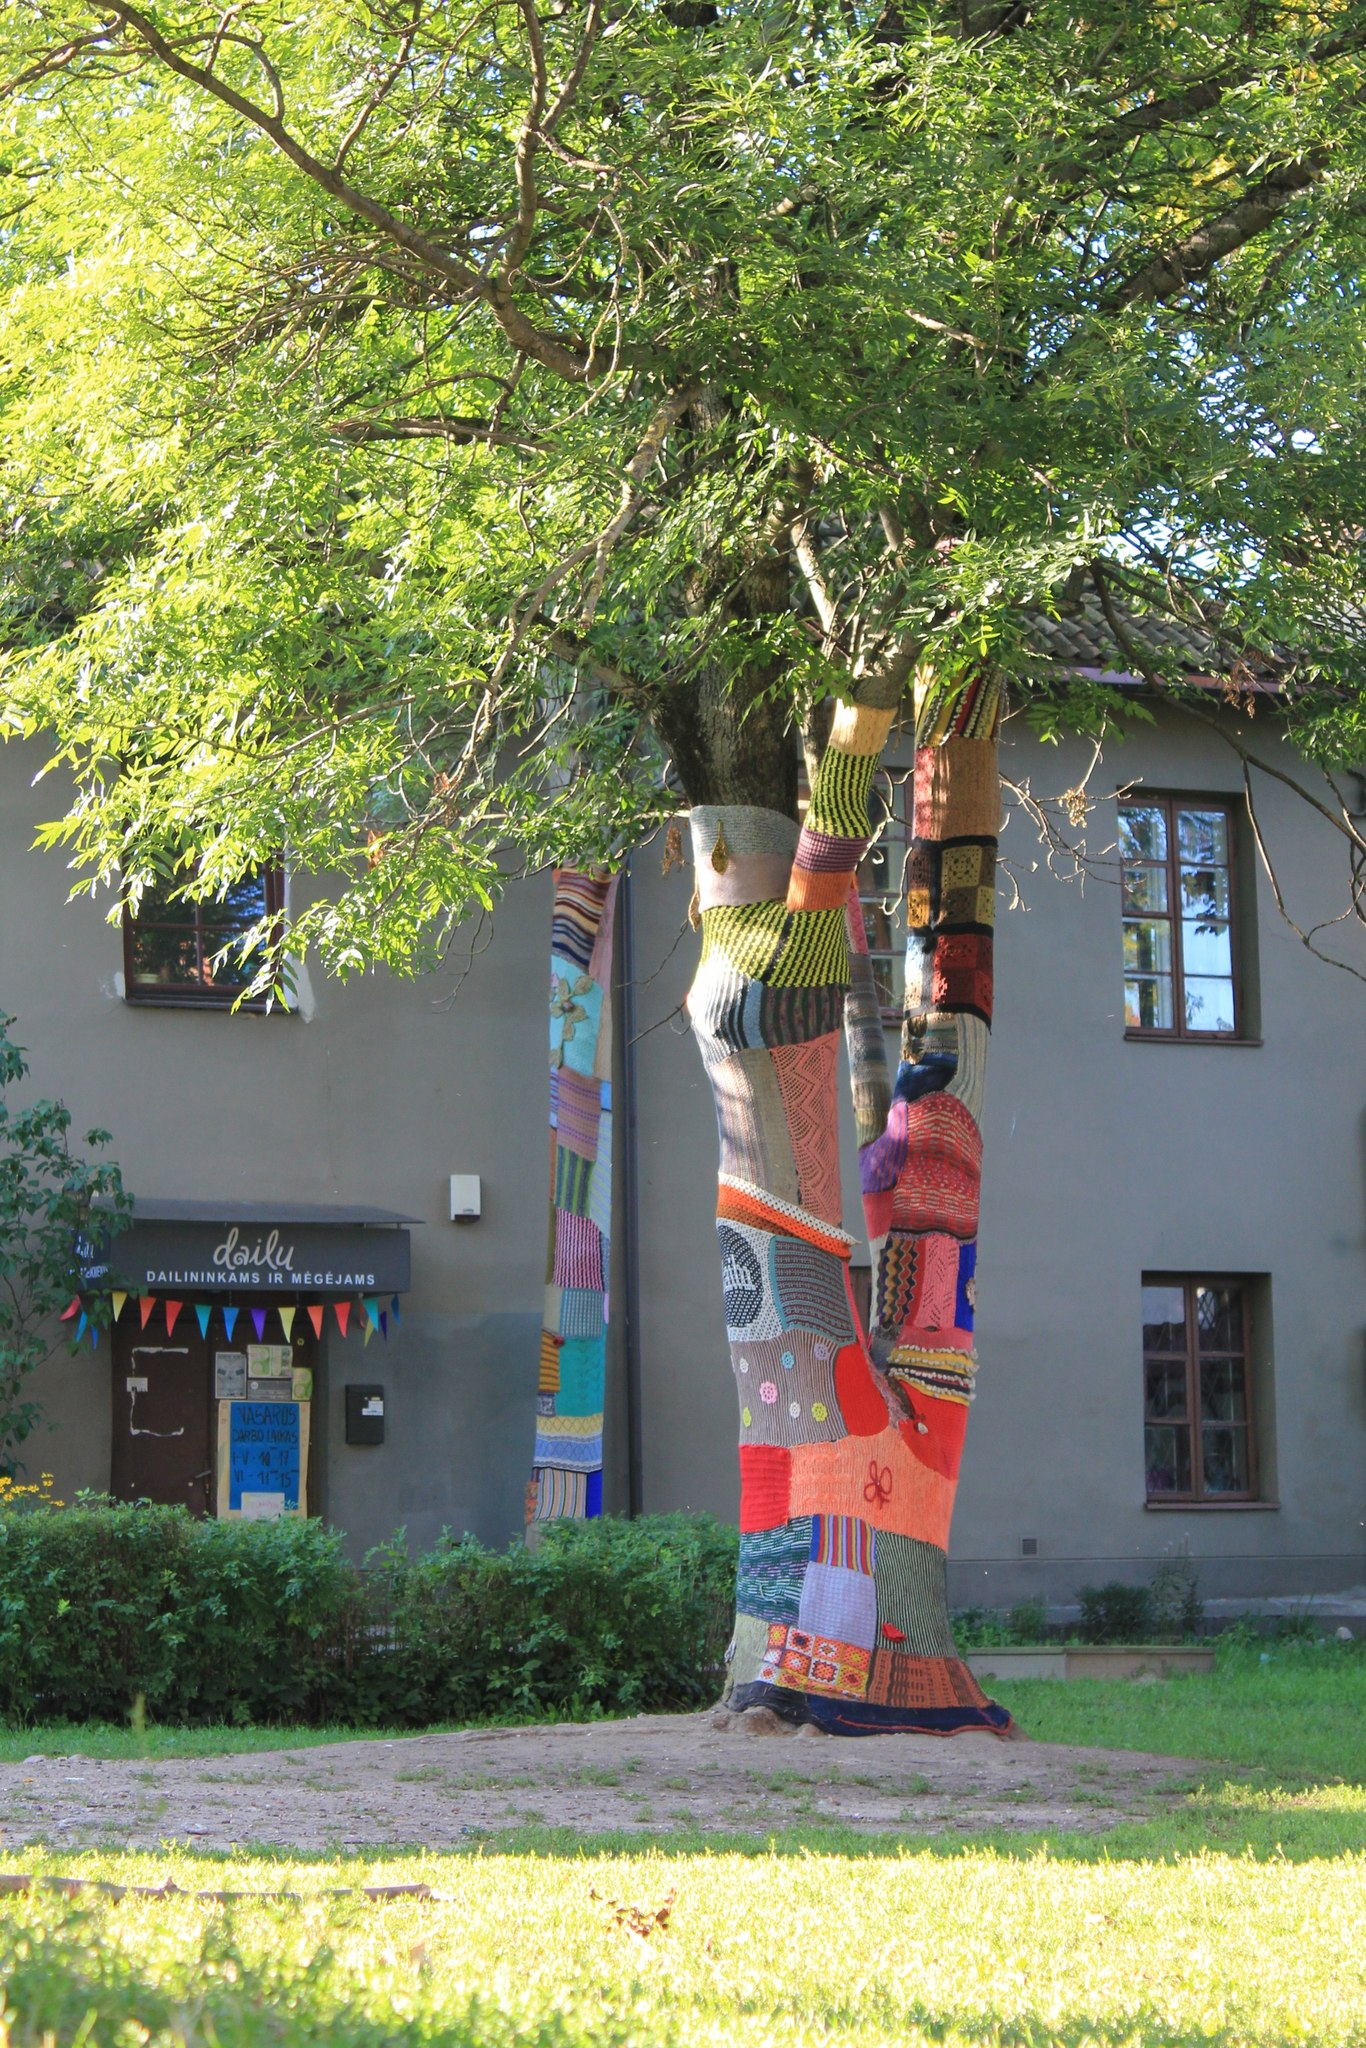 Деревья вязанные. Европа. Литва